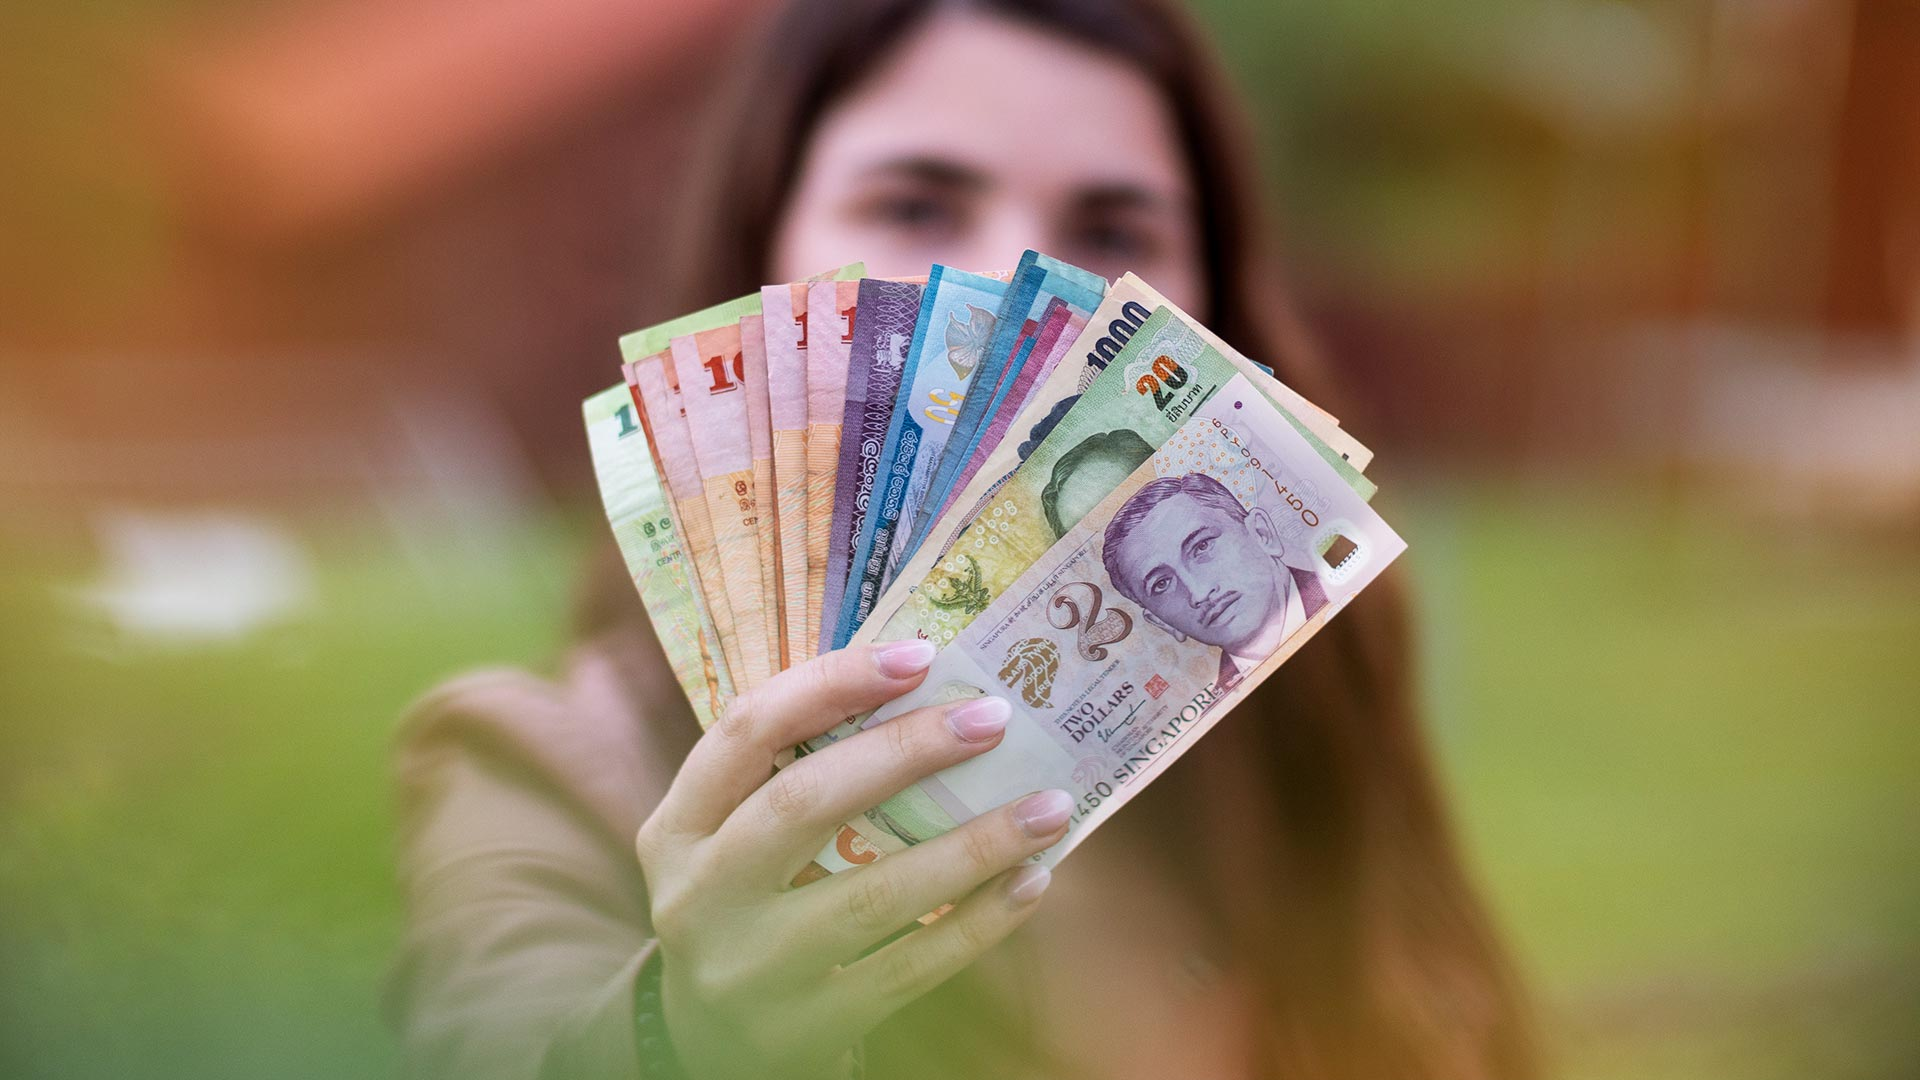 Südostasien Backpacking Reisekosten - Jasmin mit Geldscheinen aus aller Welt